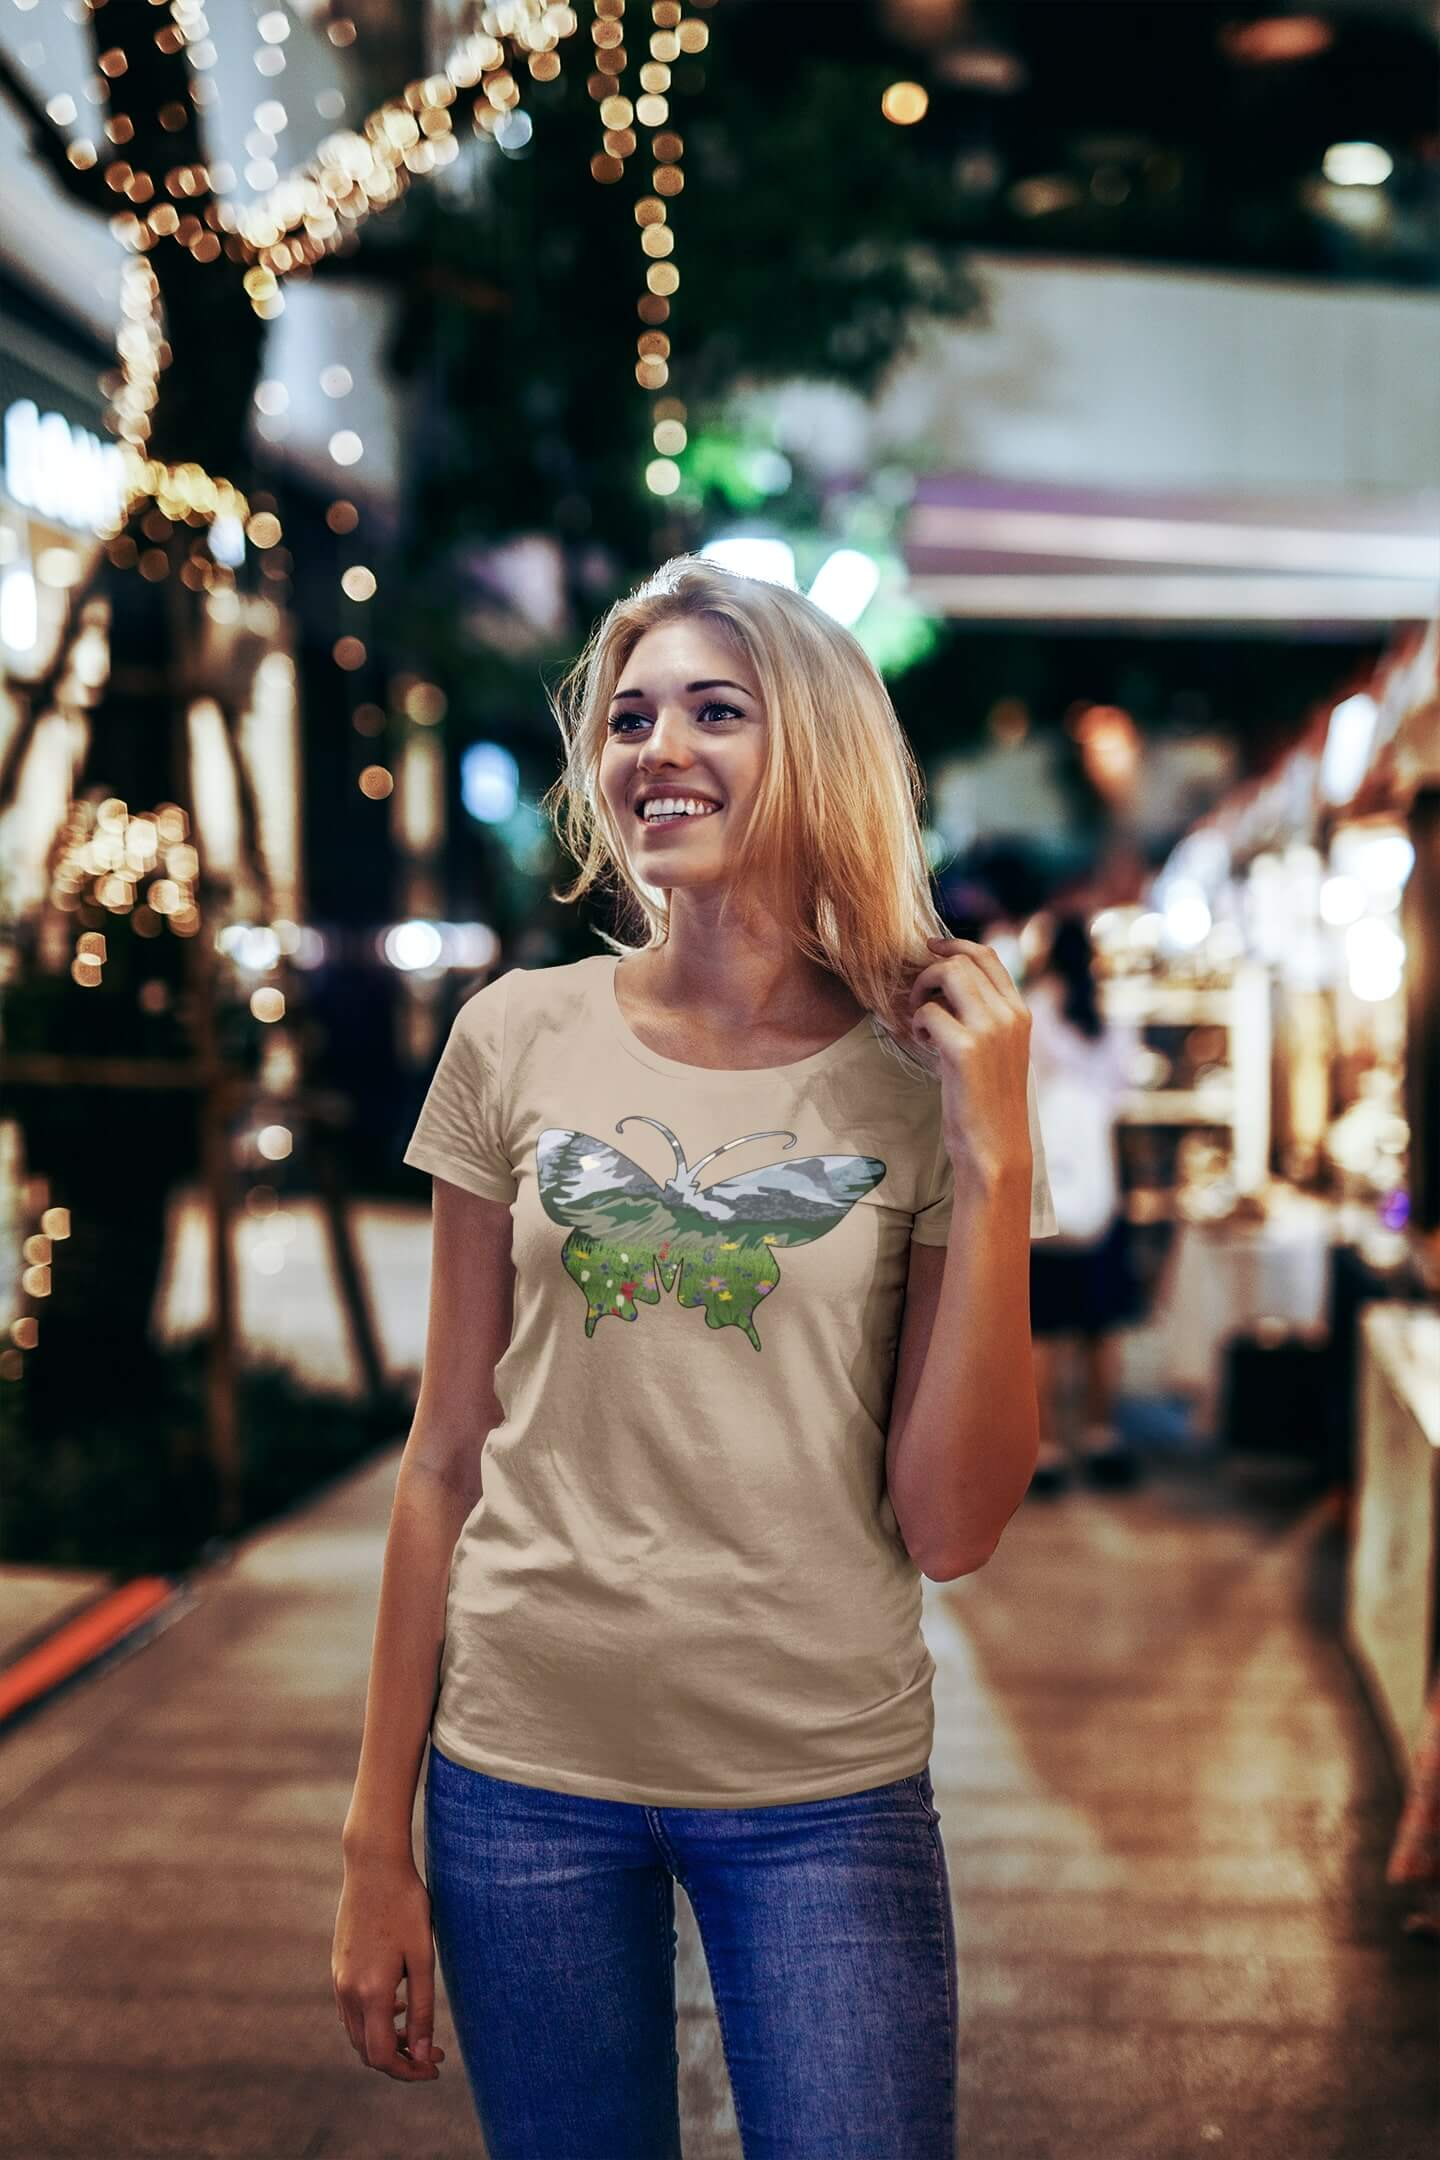 MMO Dámske tričko Motýľ Vyberte farbu: Piesková, Vyberte veľkosť: S